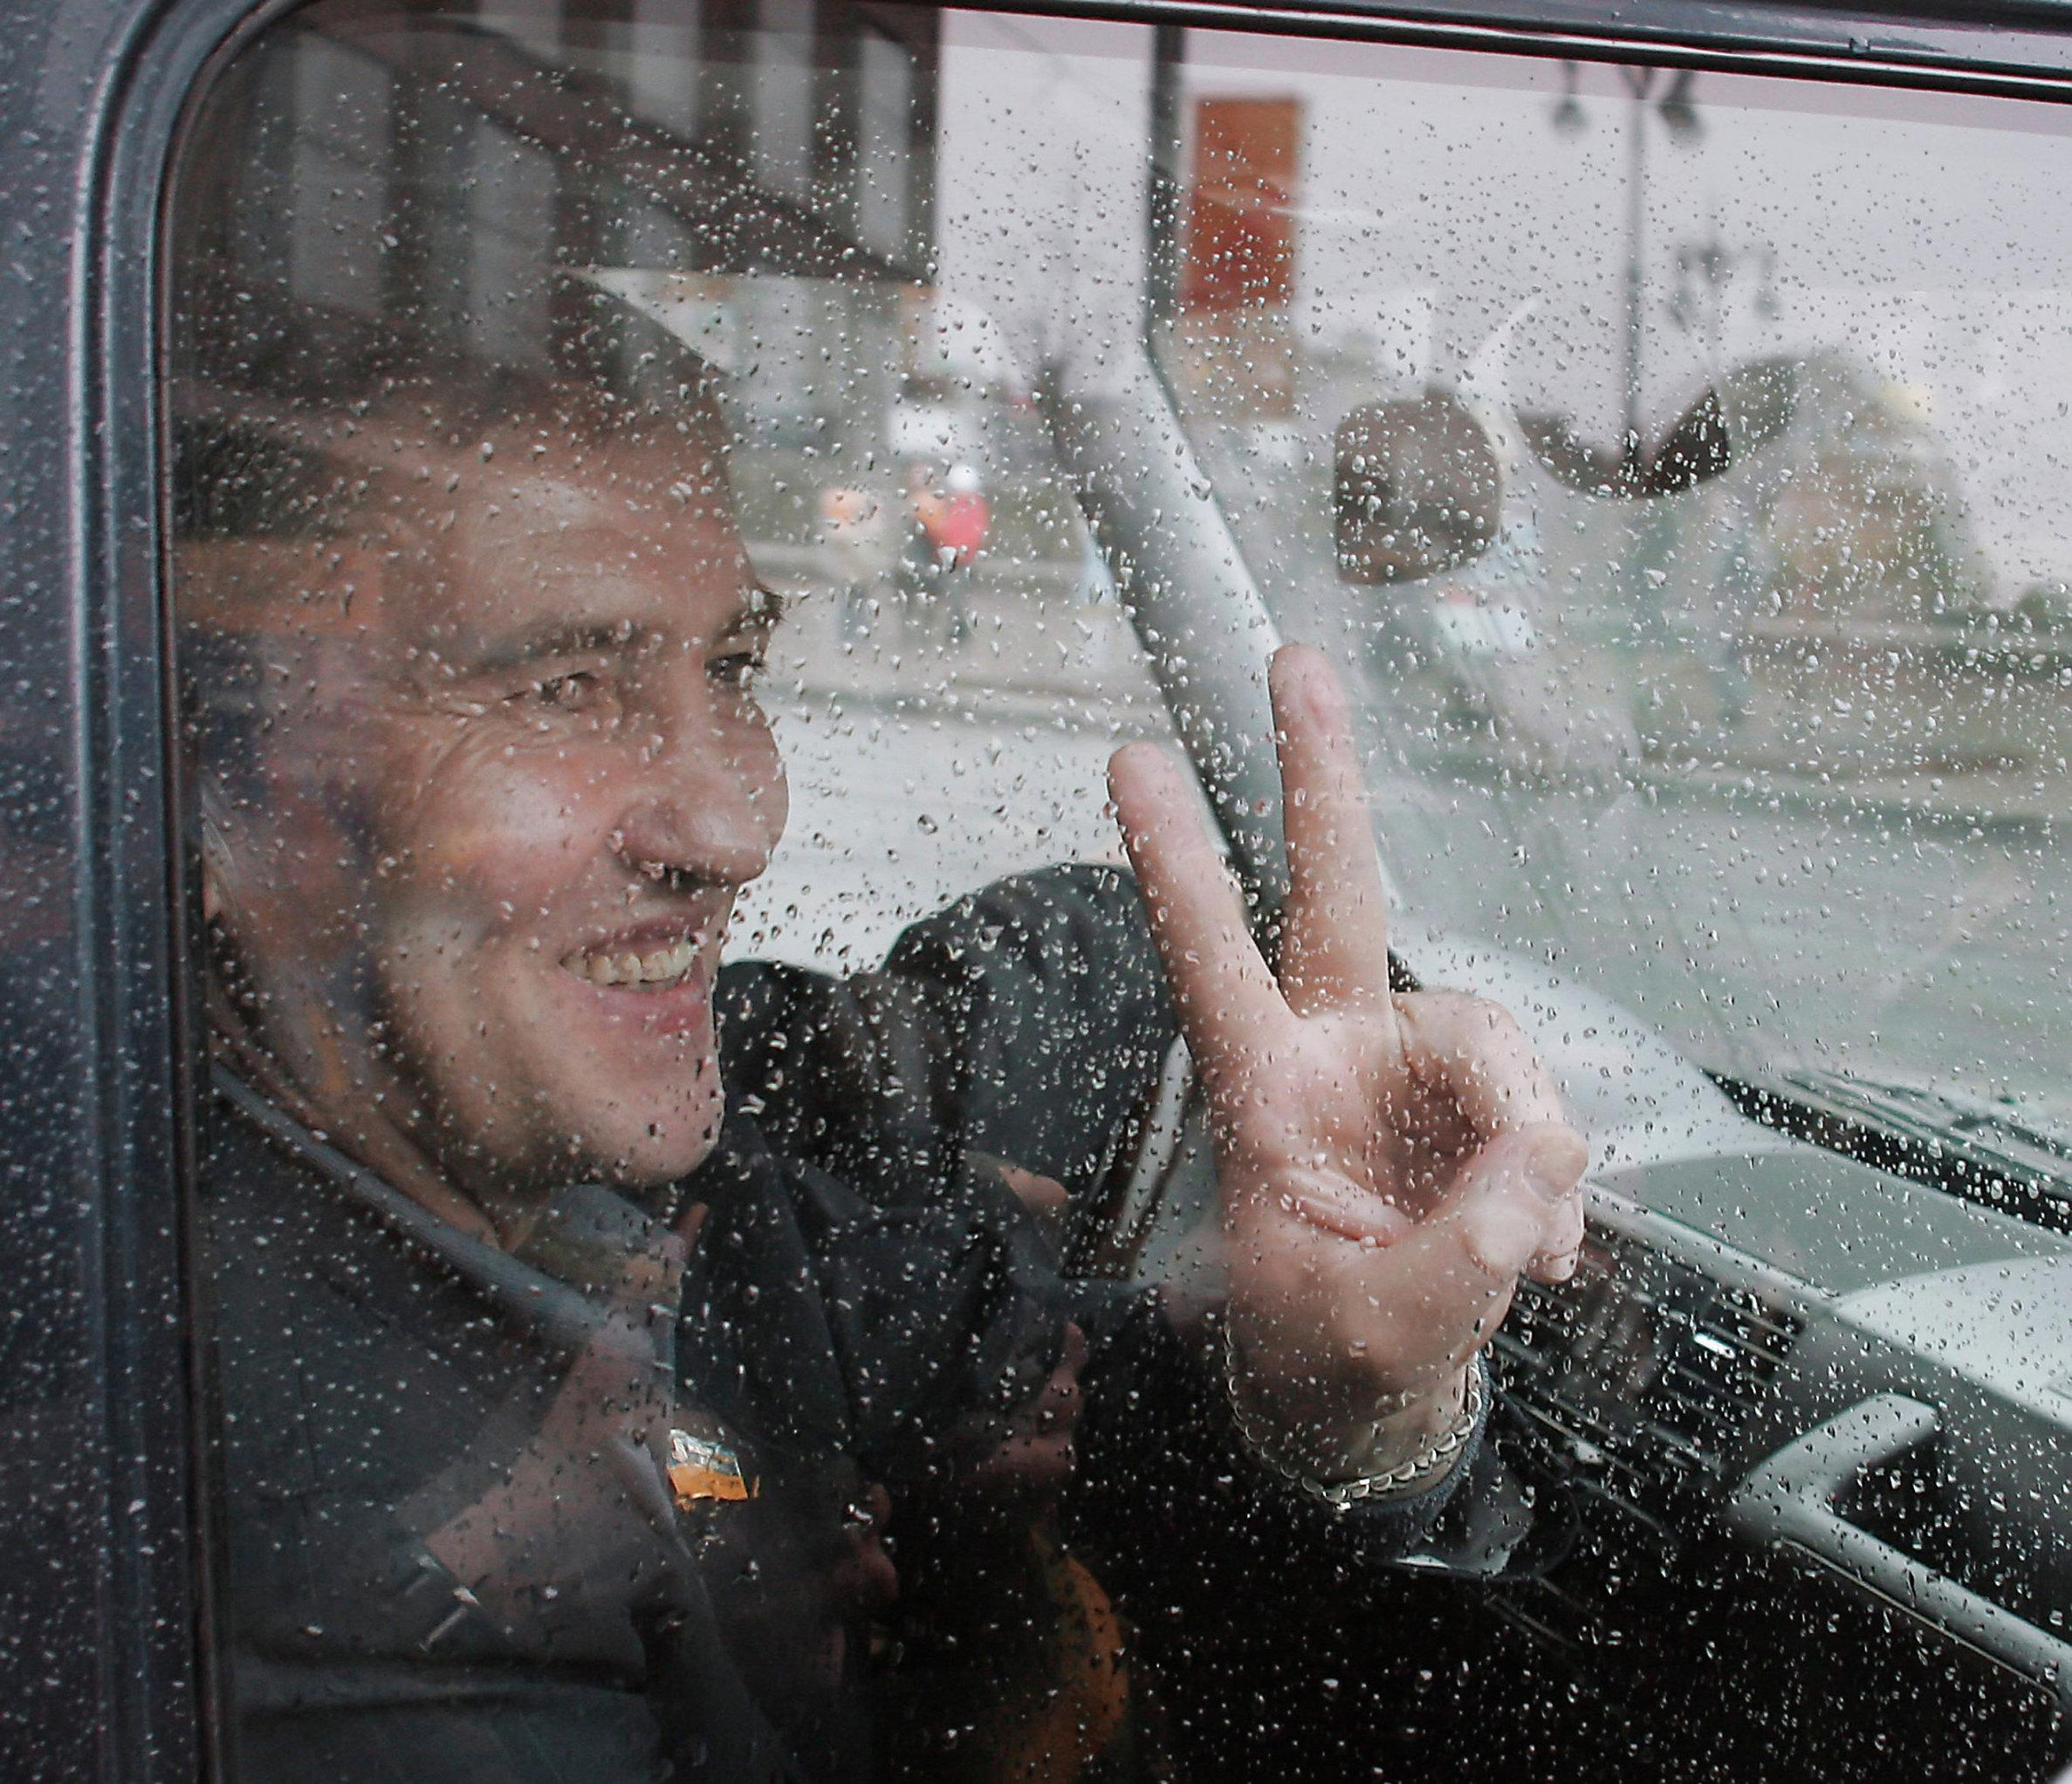 Черновецкий рассказал, где он есть и где его нет. А вообще, советует не искать, там, где его нет